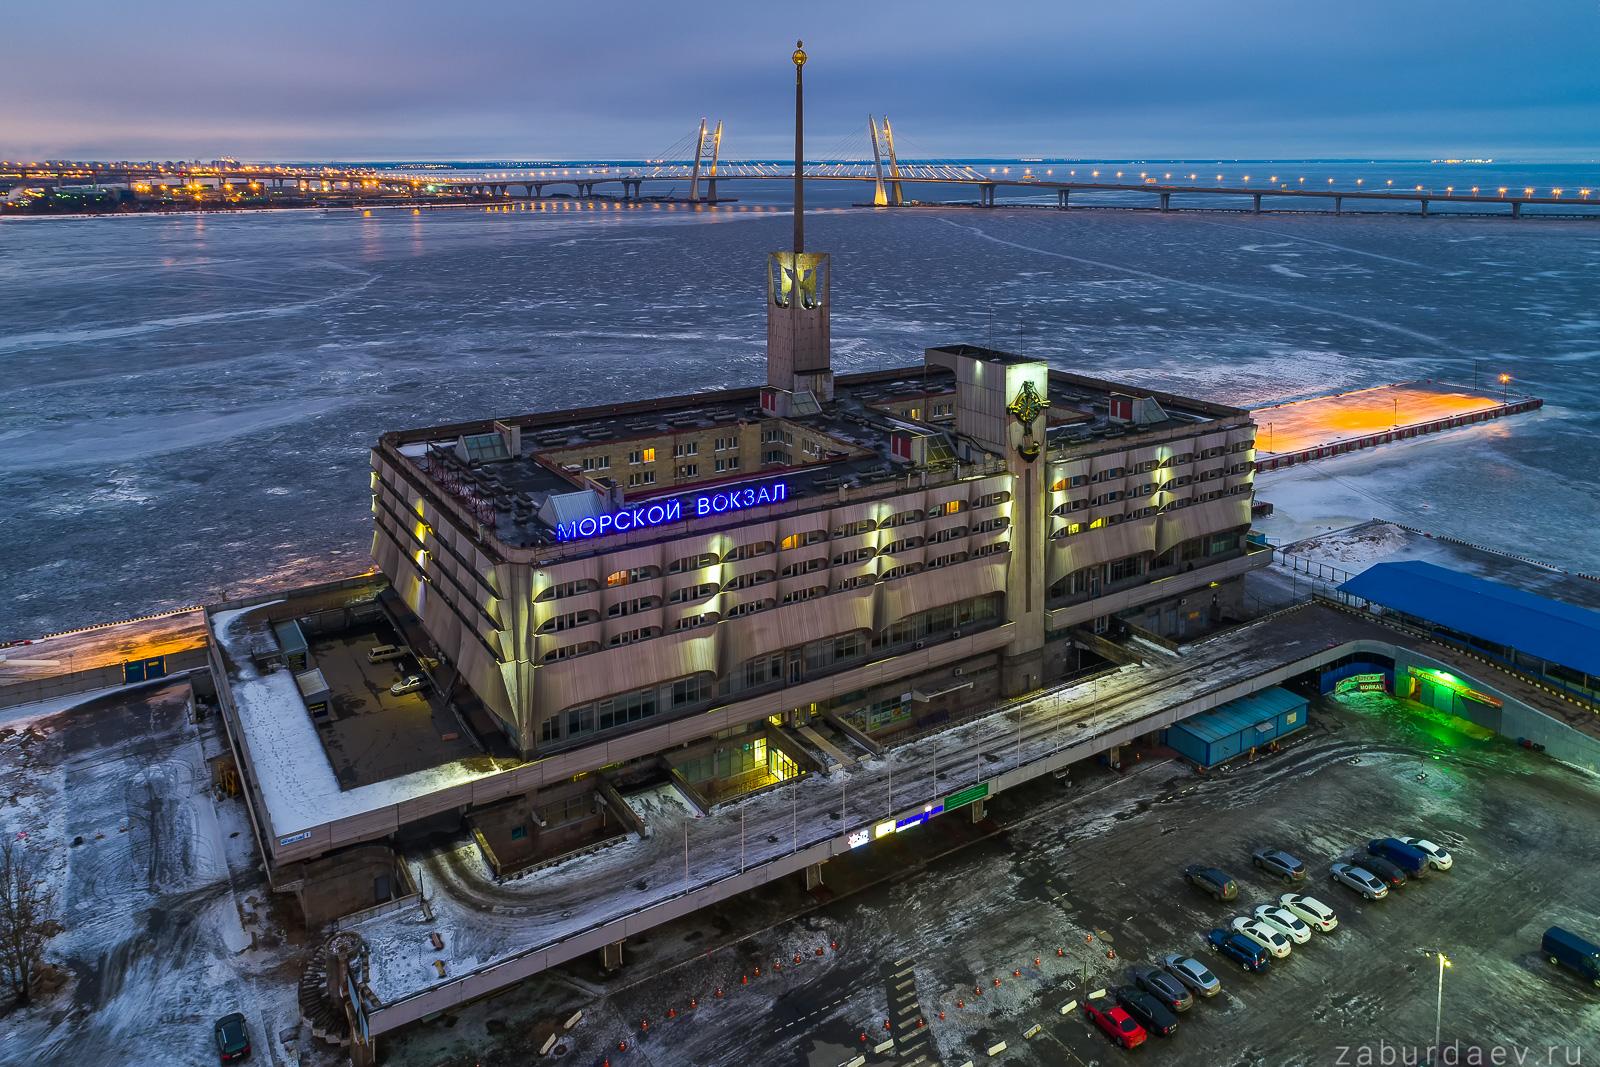 фото здание морского вокзала спб тьма плоти, злые